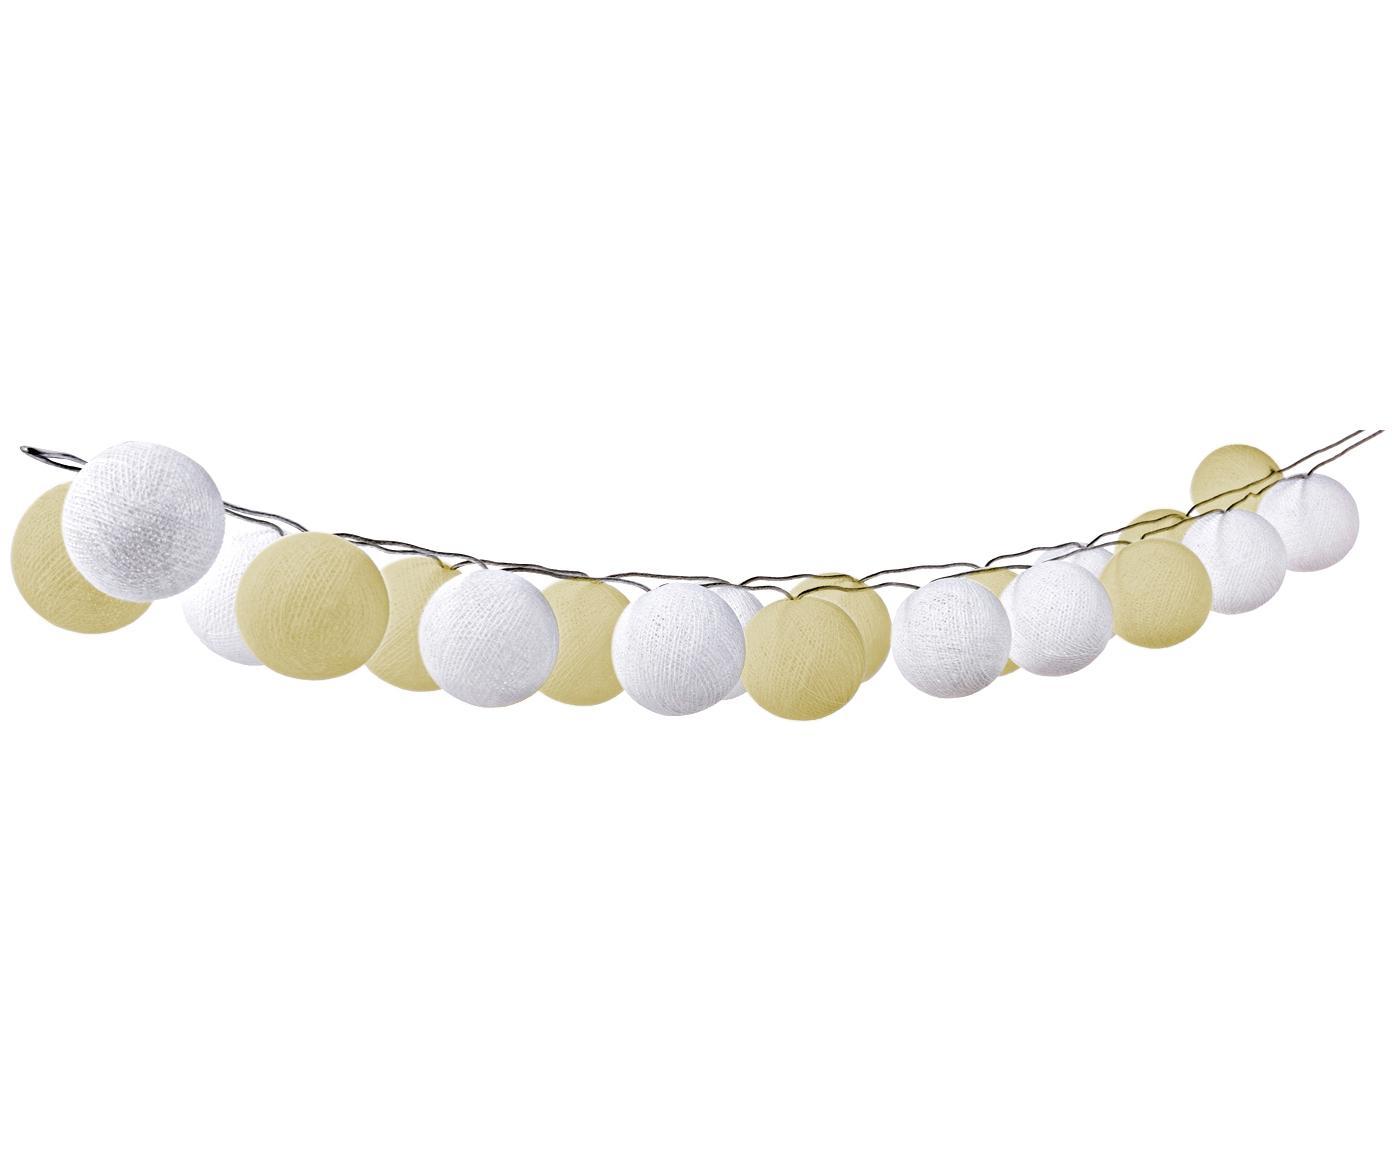 Guirnalda de luces LED Bellin, 320cm, Linternas: algodón, Cable: plástico, Crema, blanco, L 320 cm